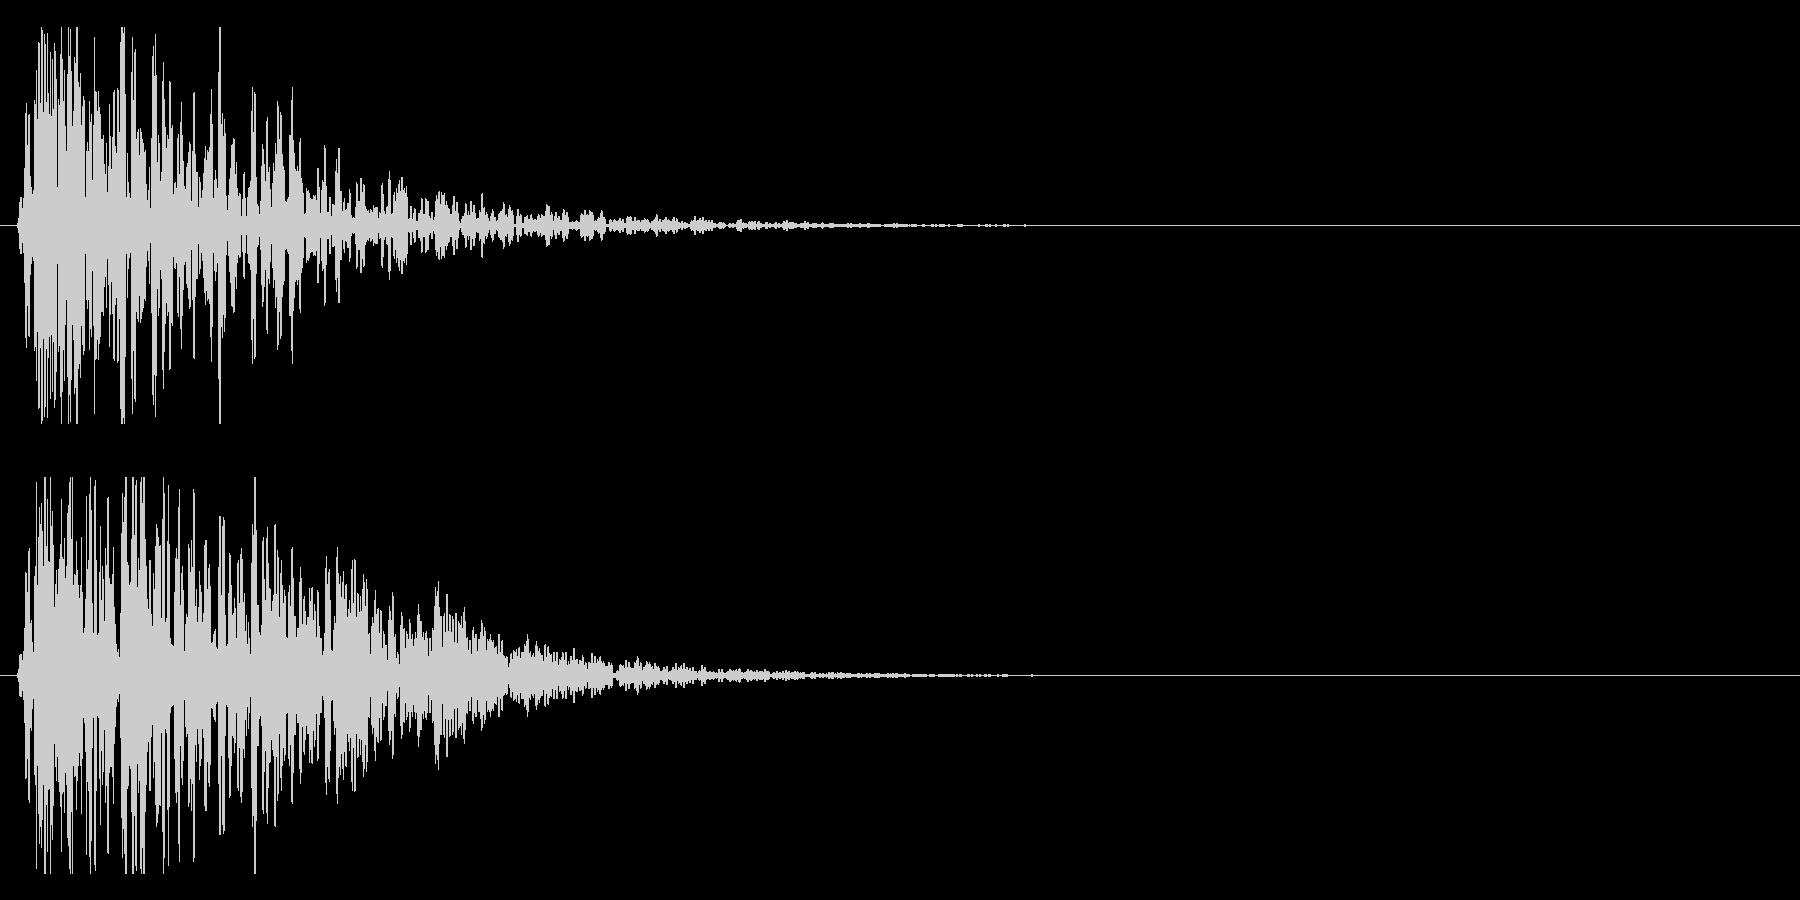 ドン!(迫力ある和太鼓の効果音)03の未再生の波形